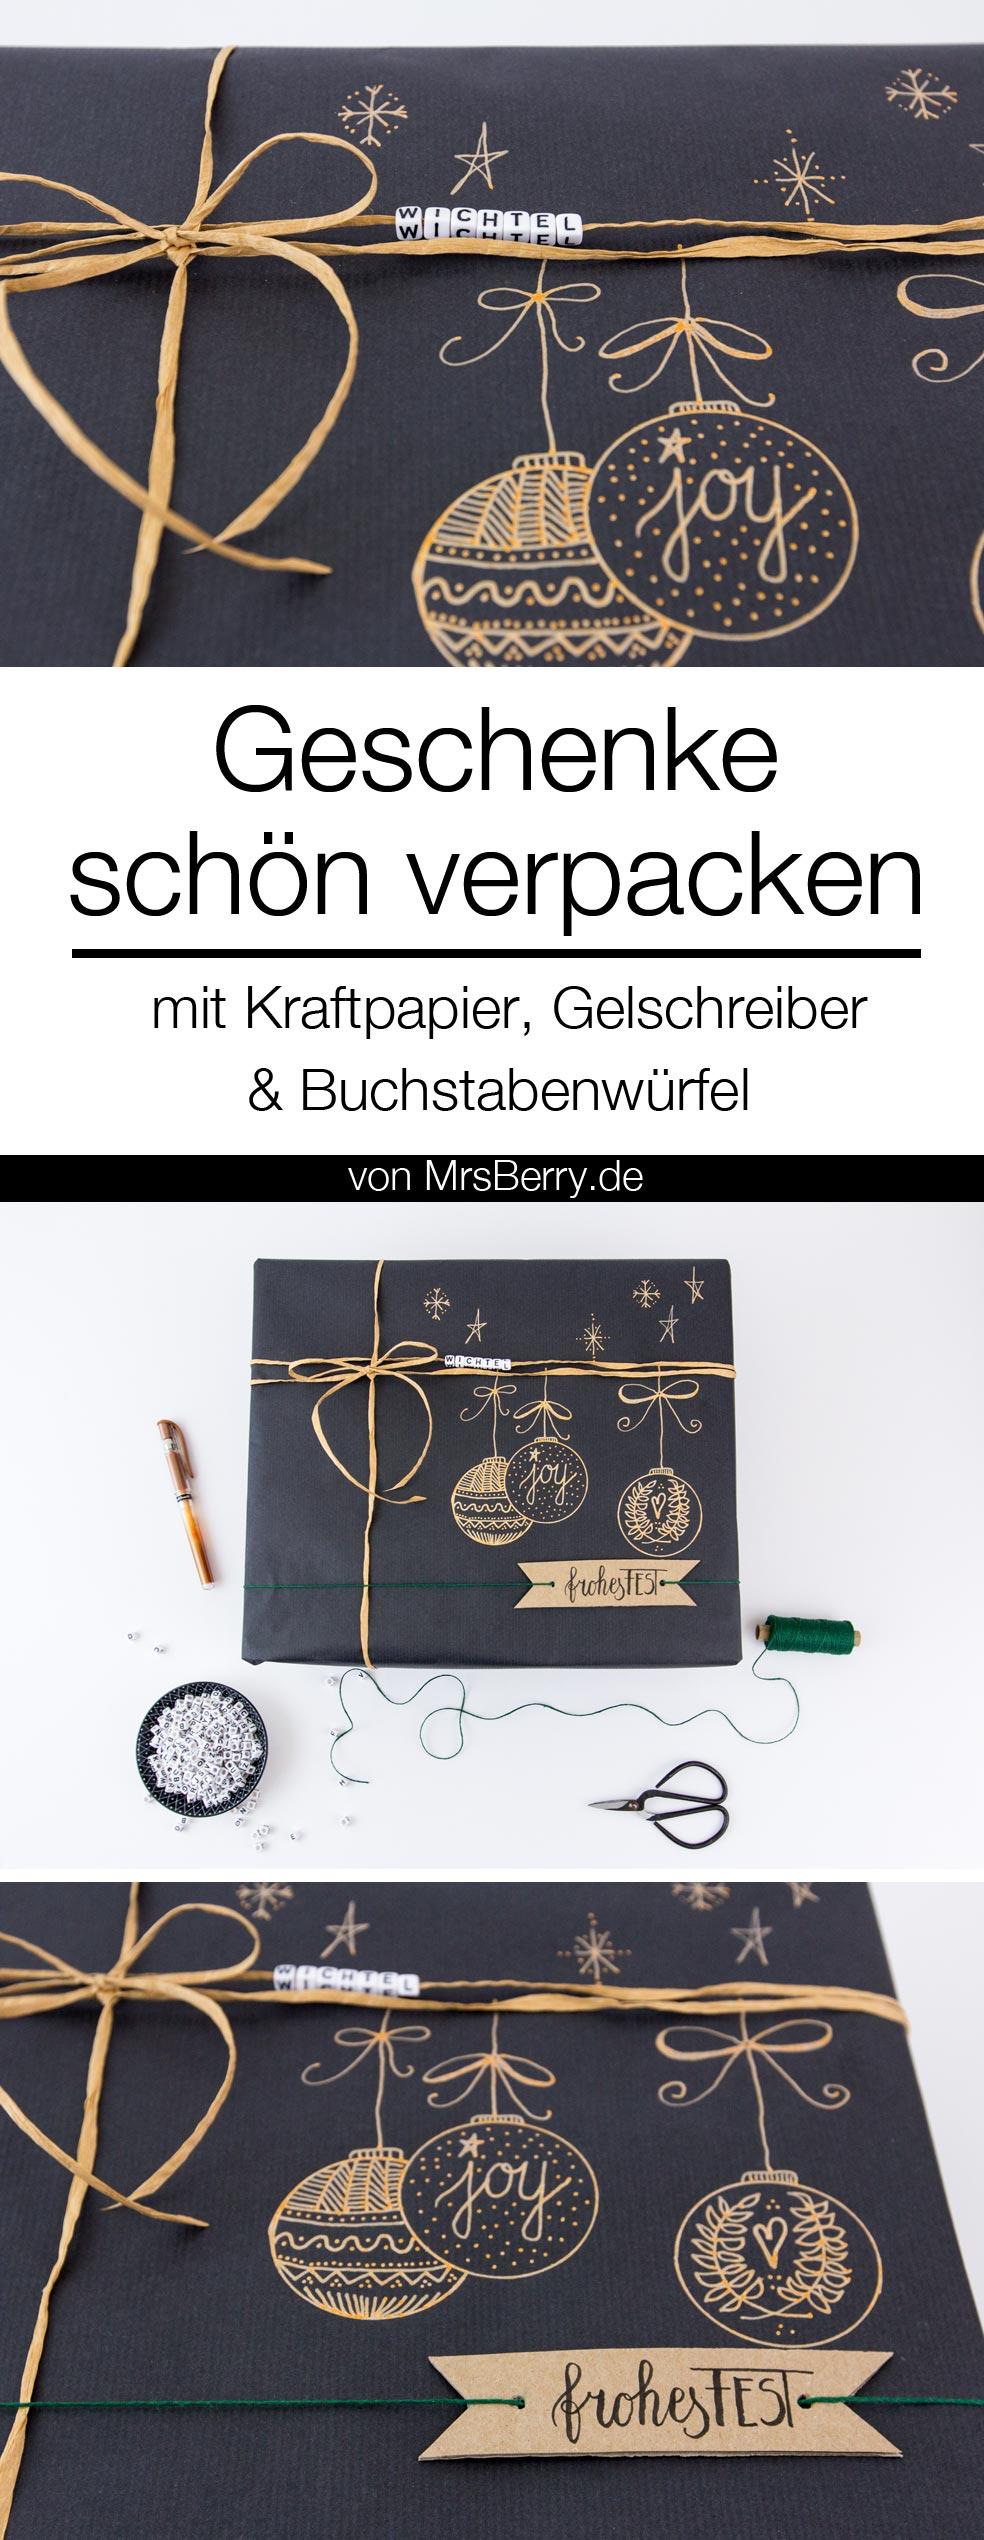 DIY: Geschenke schön verpacken für Weihnachten - mit schwarzem Kraftpapier, Gelschreiber und Buchstabenwürfel